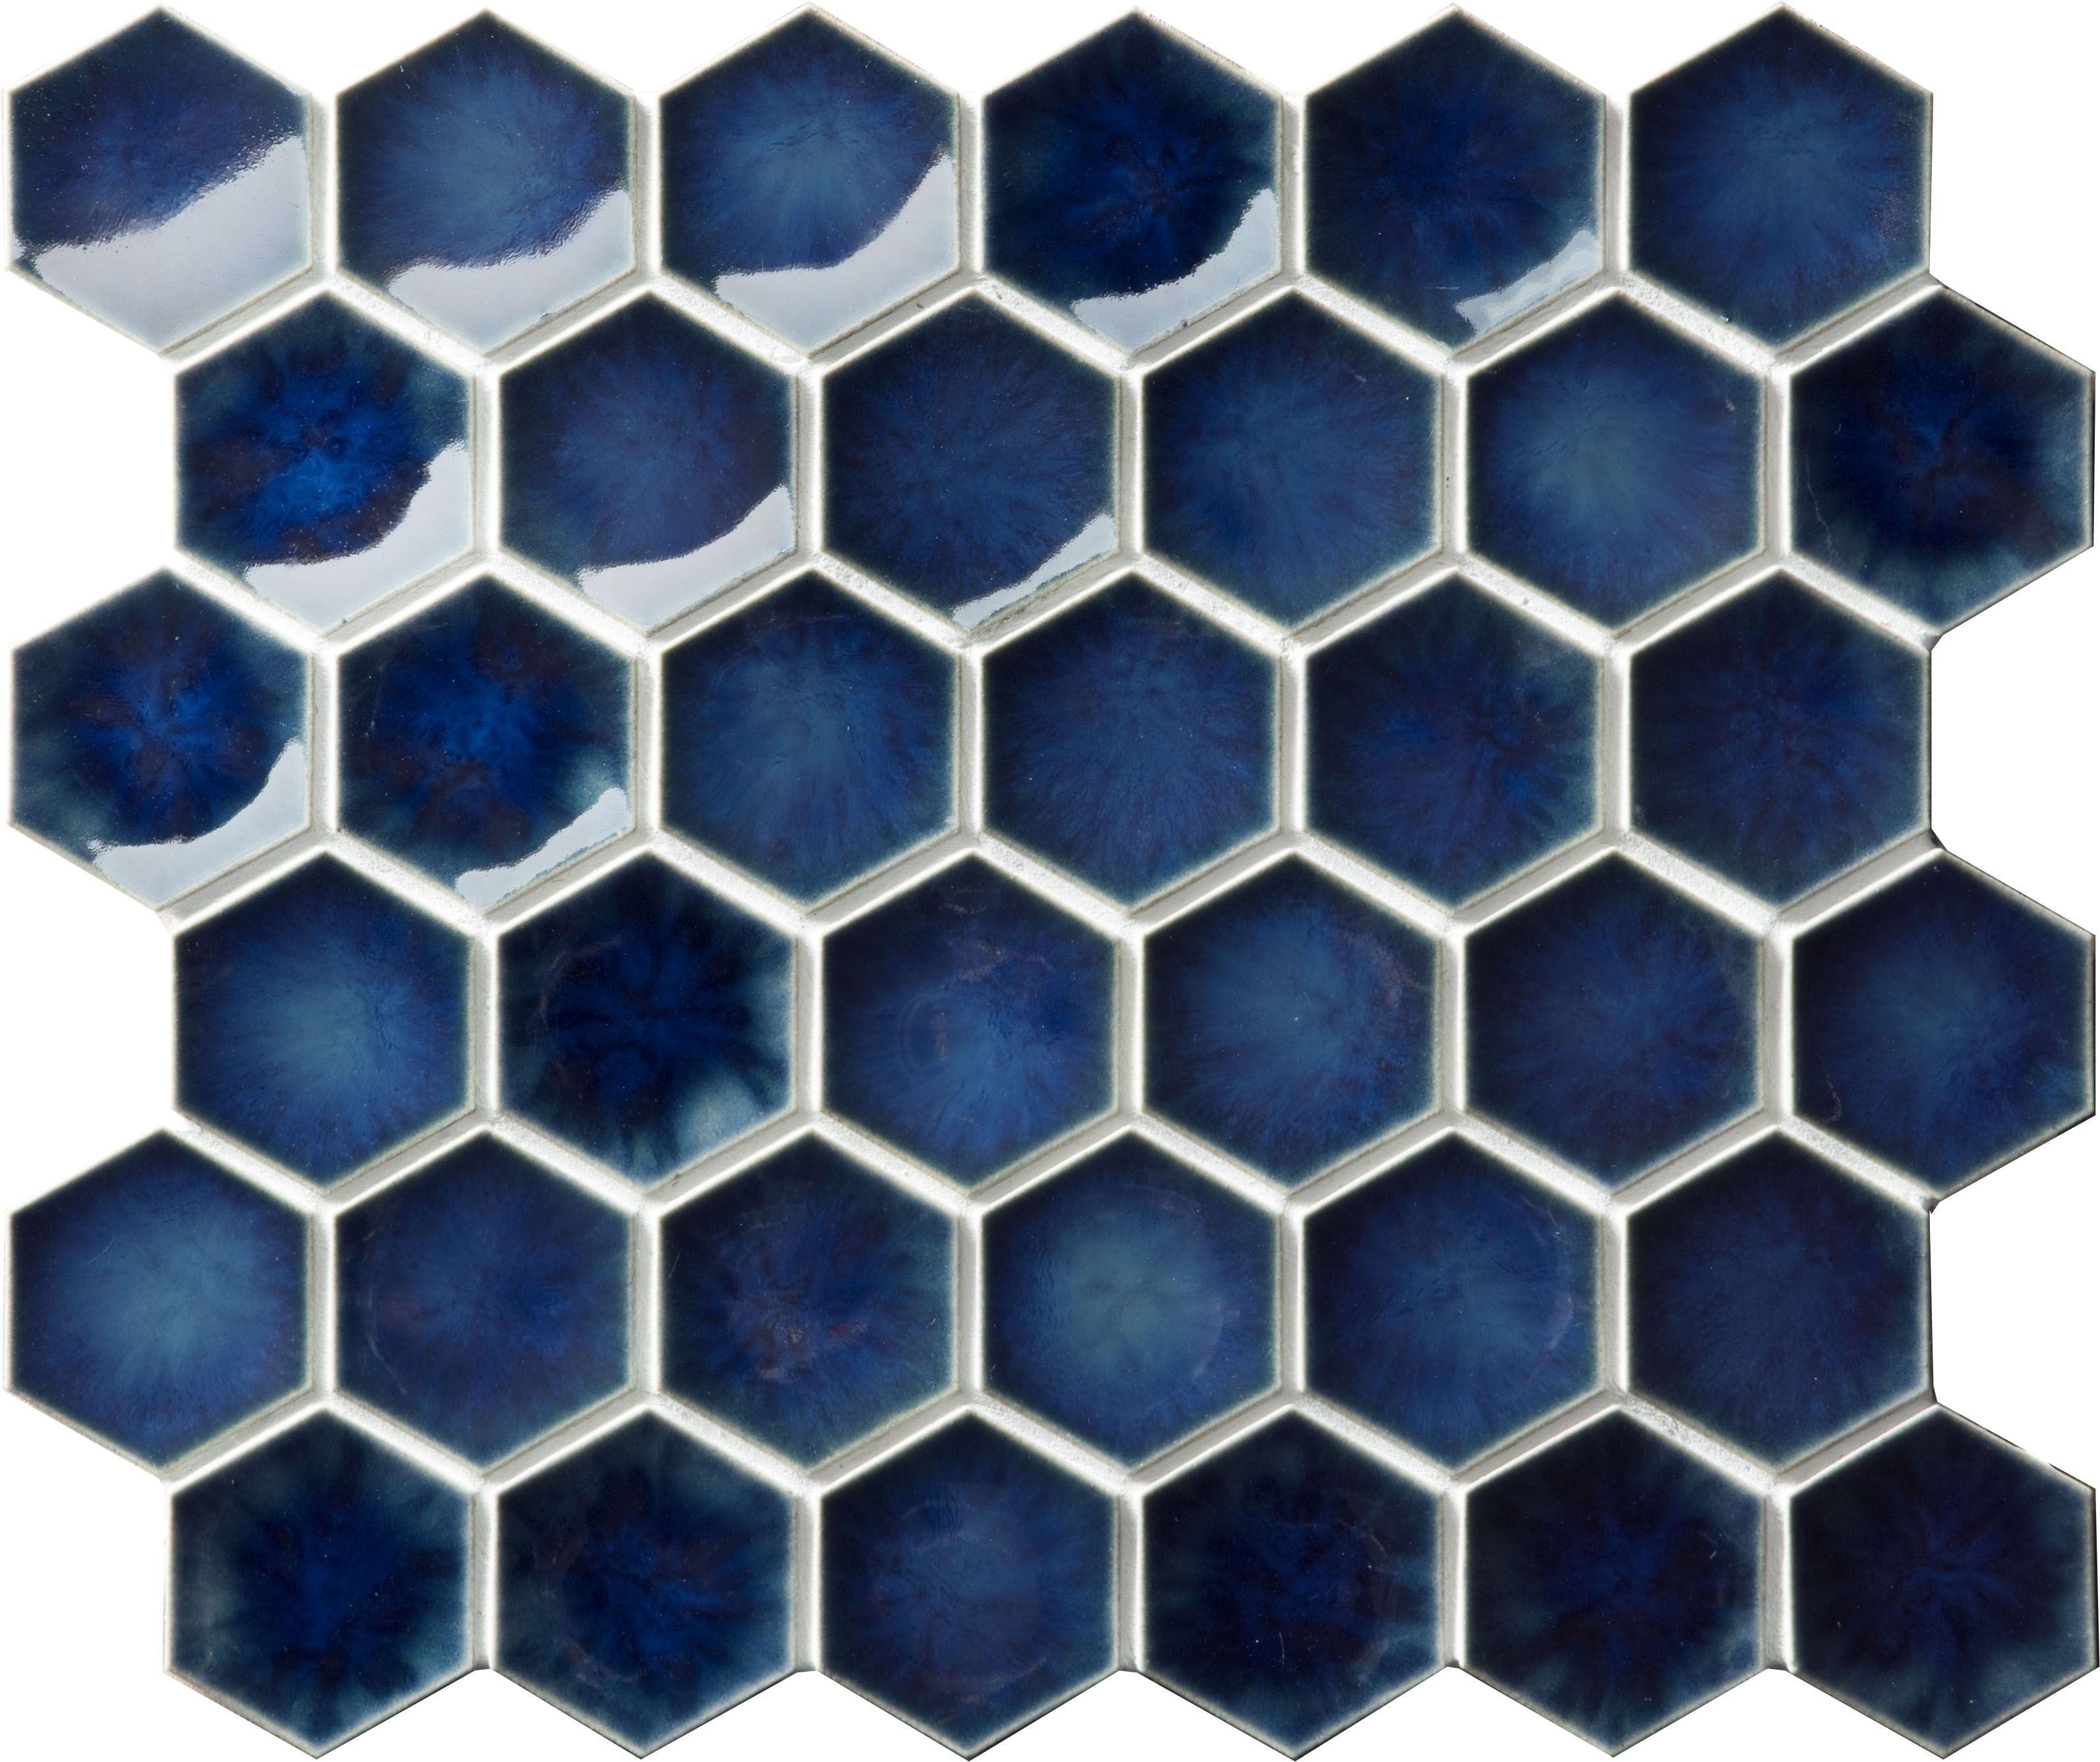 Setto 2 Godai Concave Hex in Gloss Blue